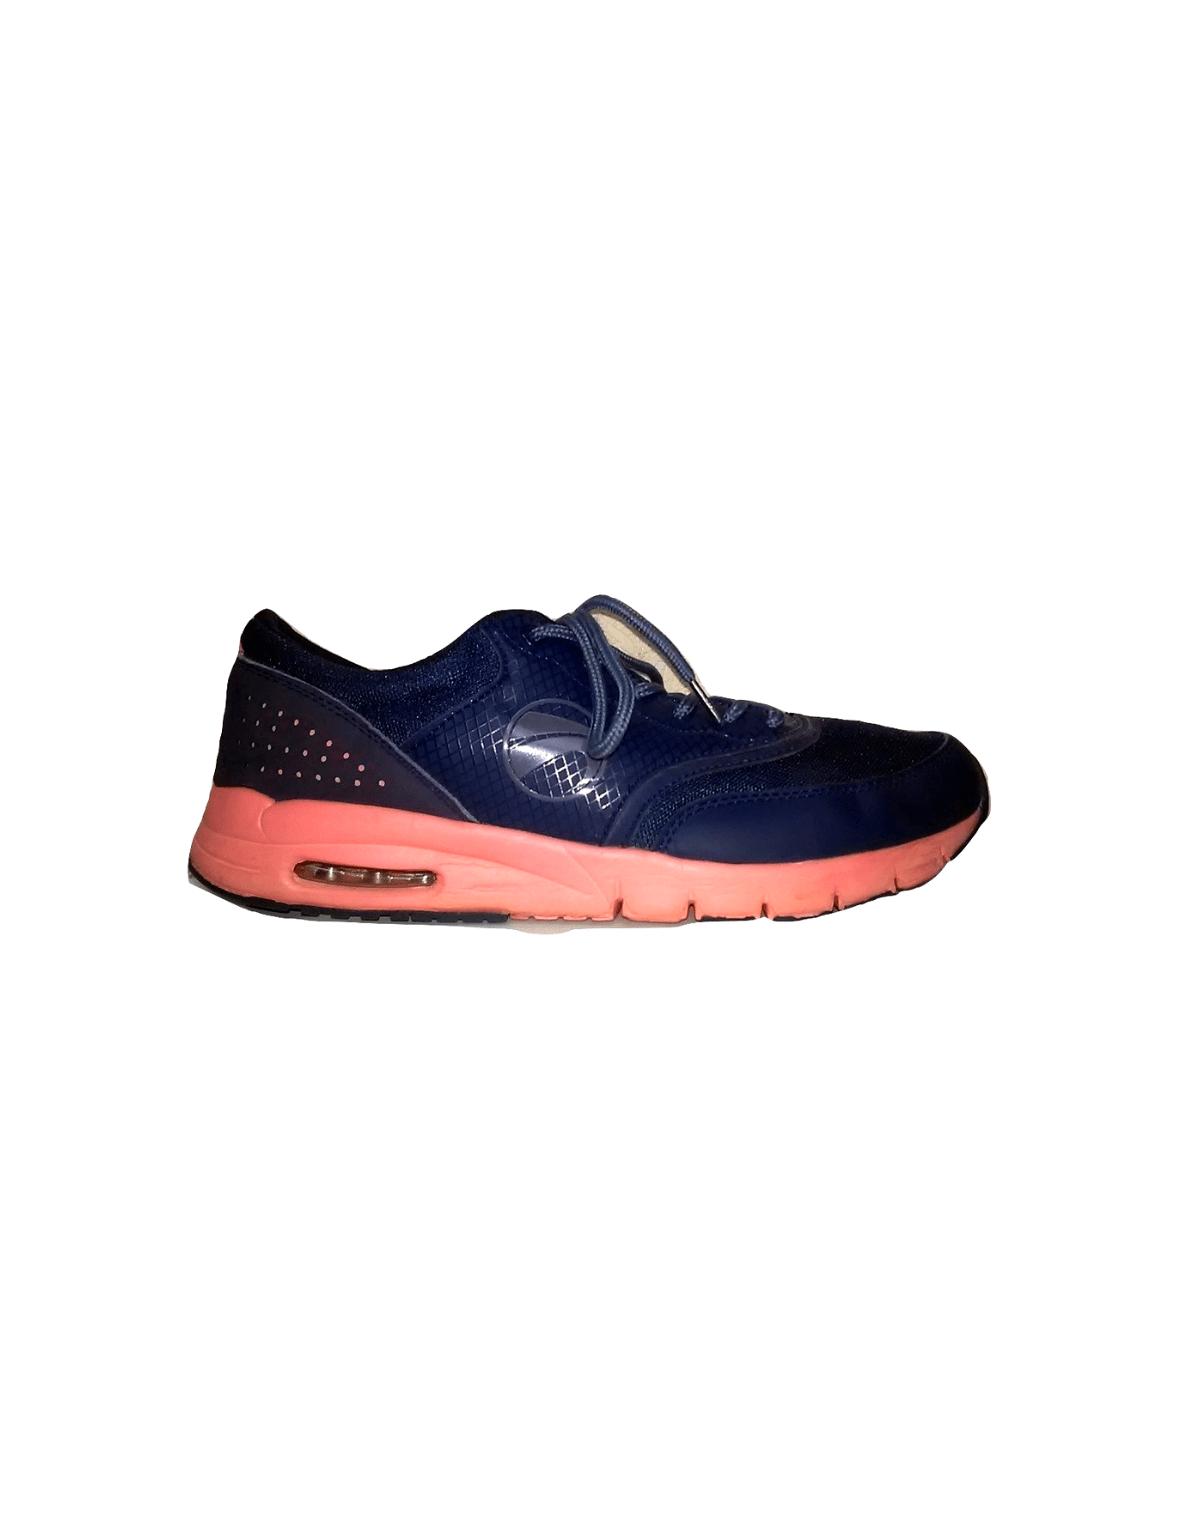 Sportiniai vyriški batai, CAPWAYE, 41 dydis